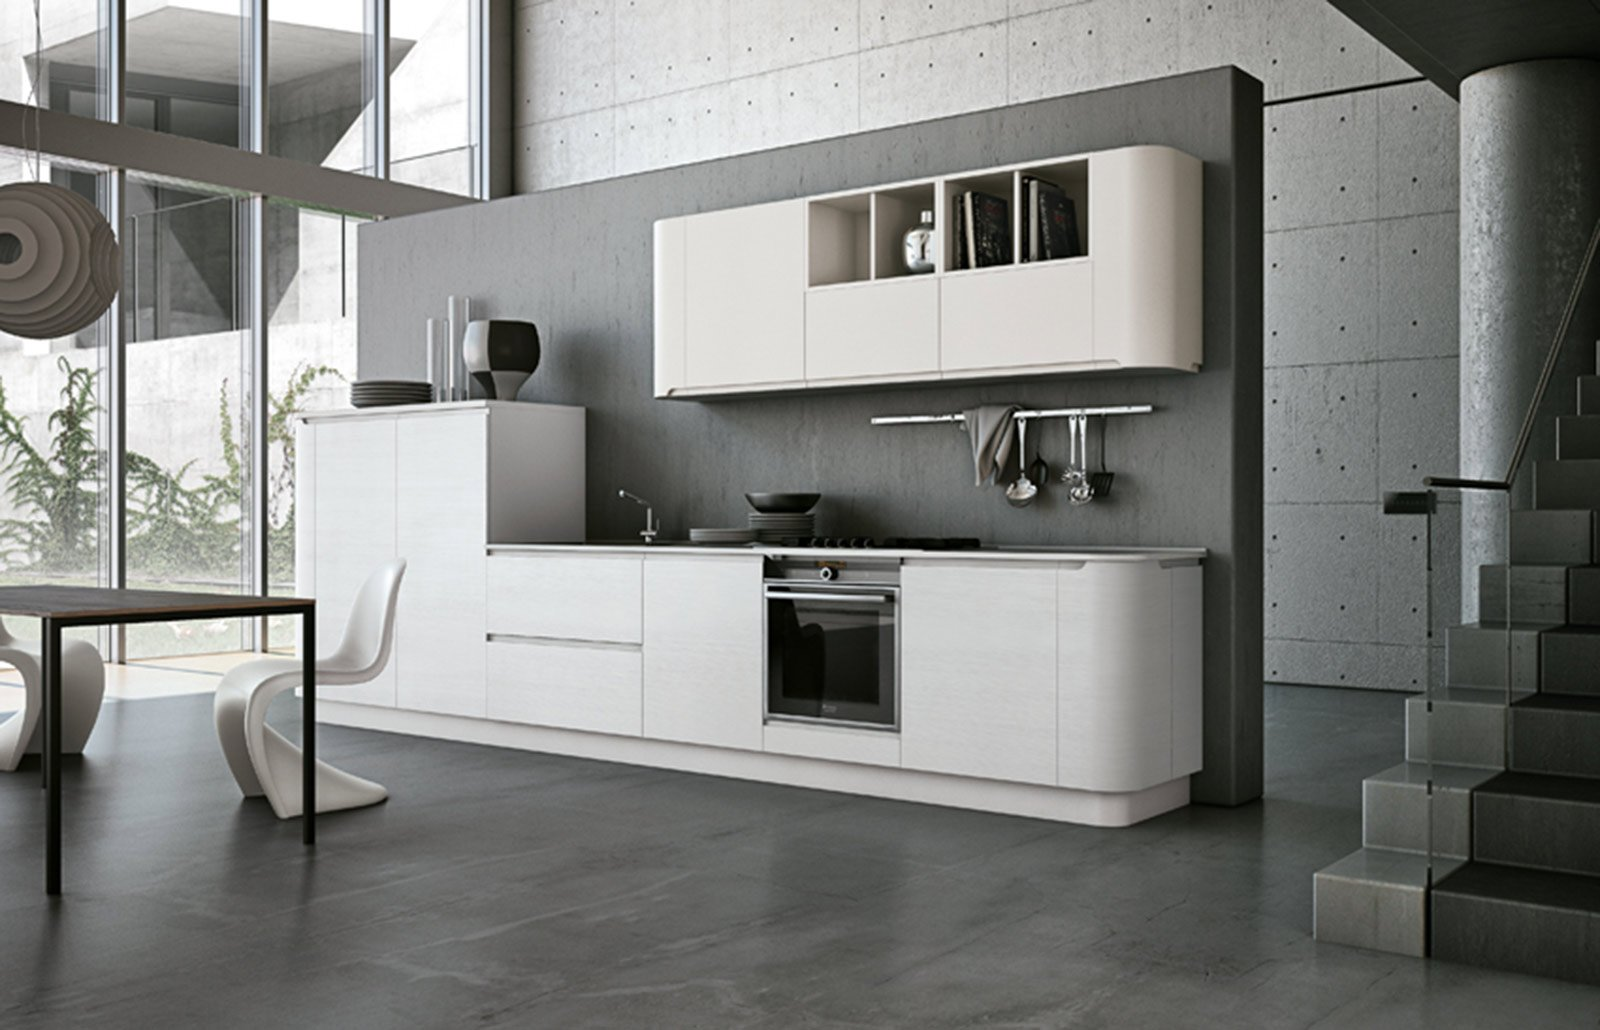 Cucine in laminato cose di casa for Ikea pavimenti in laminato